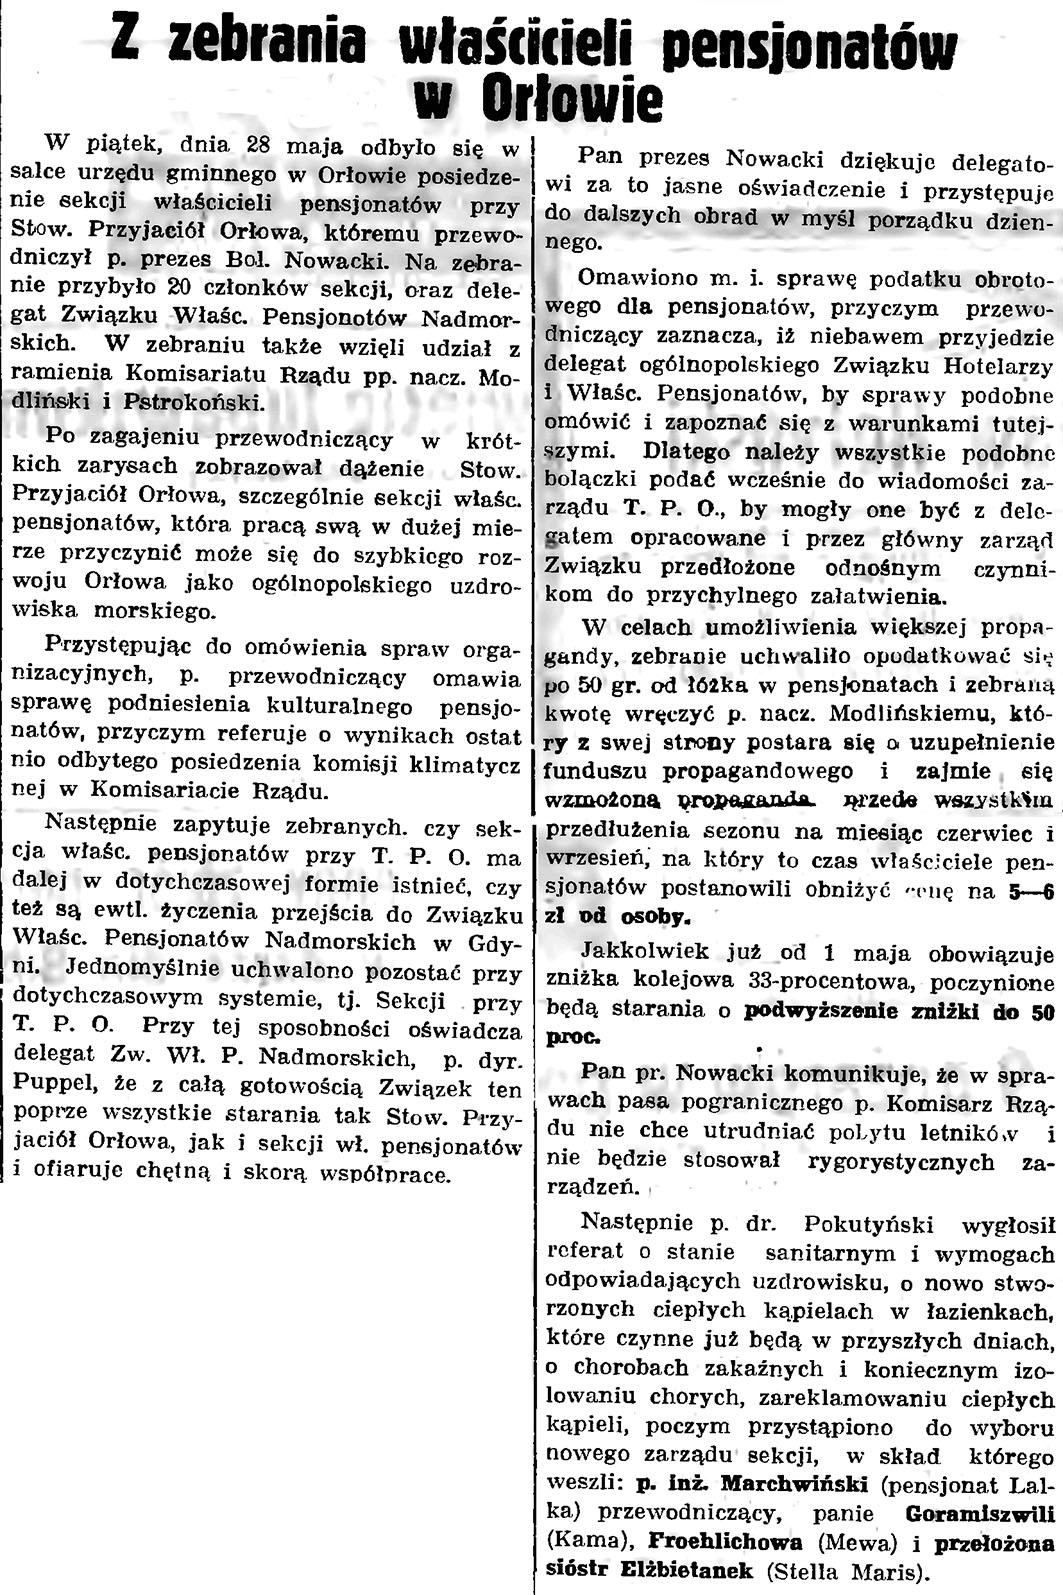 Z zebrania właścicieli pensjonatów w Orłowie // Gazeta Gdańska. - 1937, nr 123, s. 8